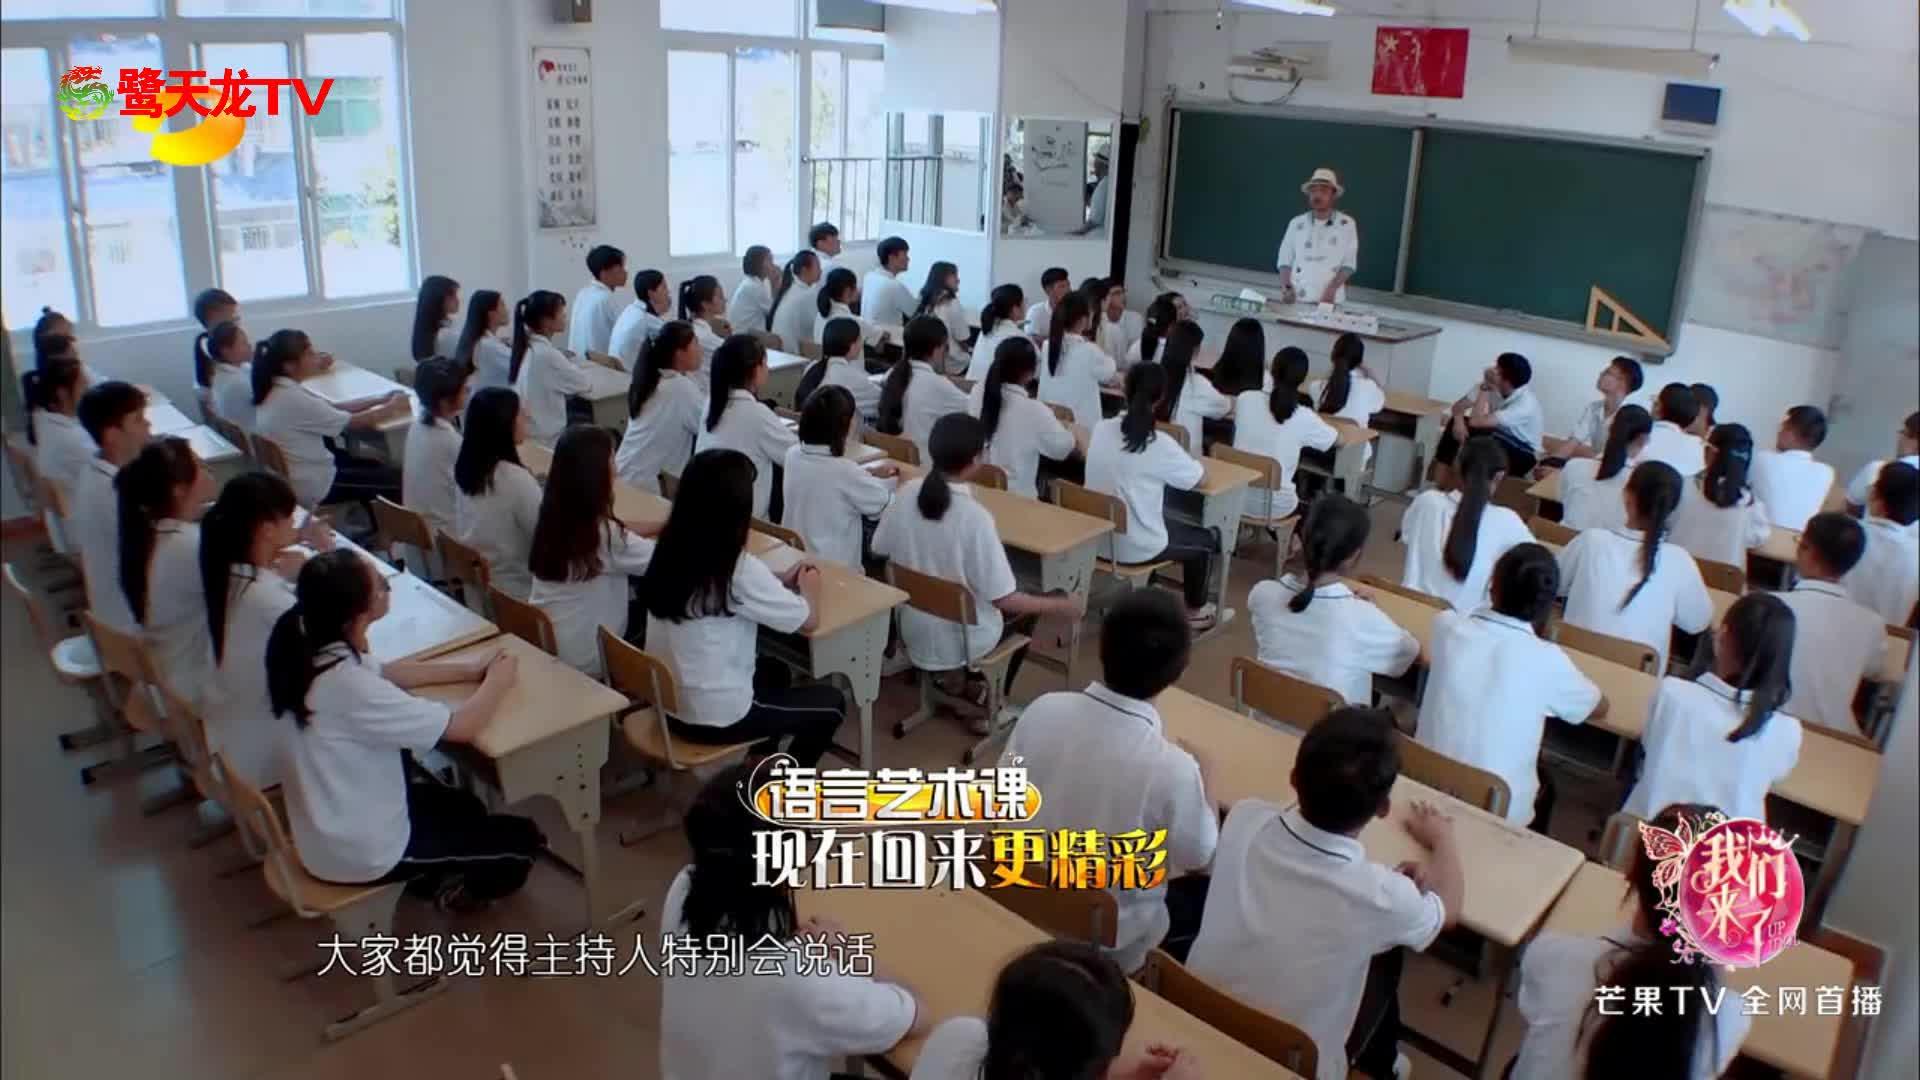 """涵哥言传身教诠释""""主持人"""" 当老师过足瘾连套路都用上了!"""